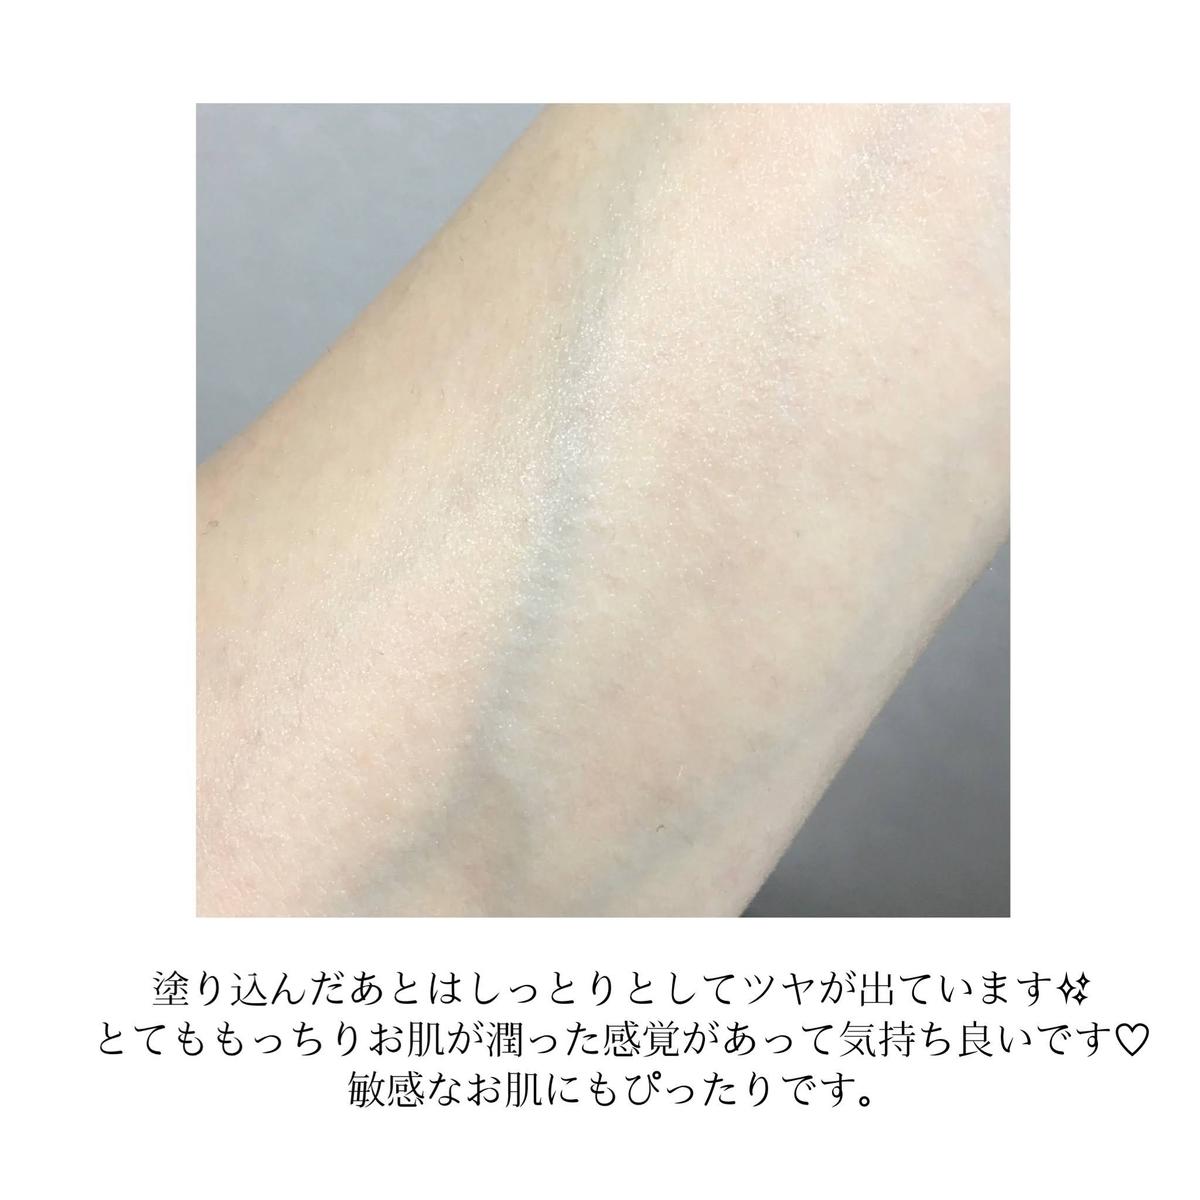 f:id:salon_moon:20210304101524j:plain